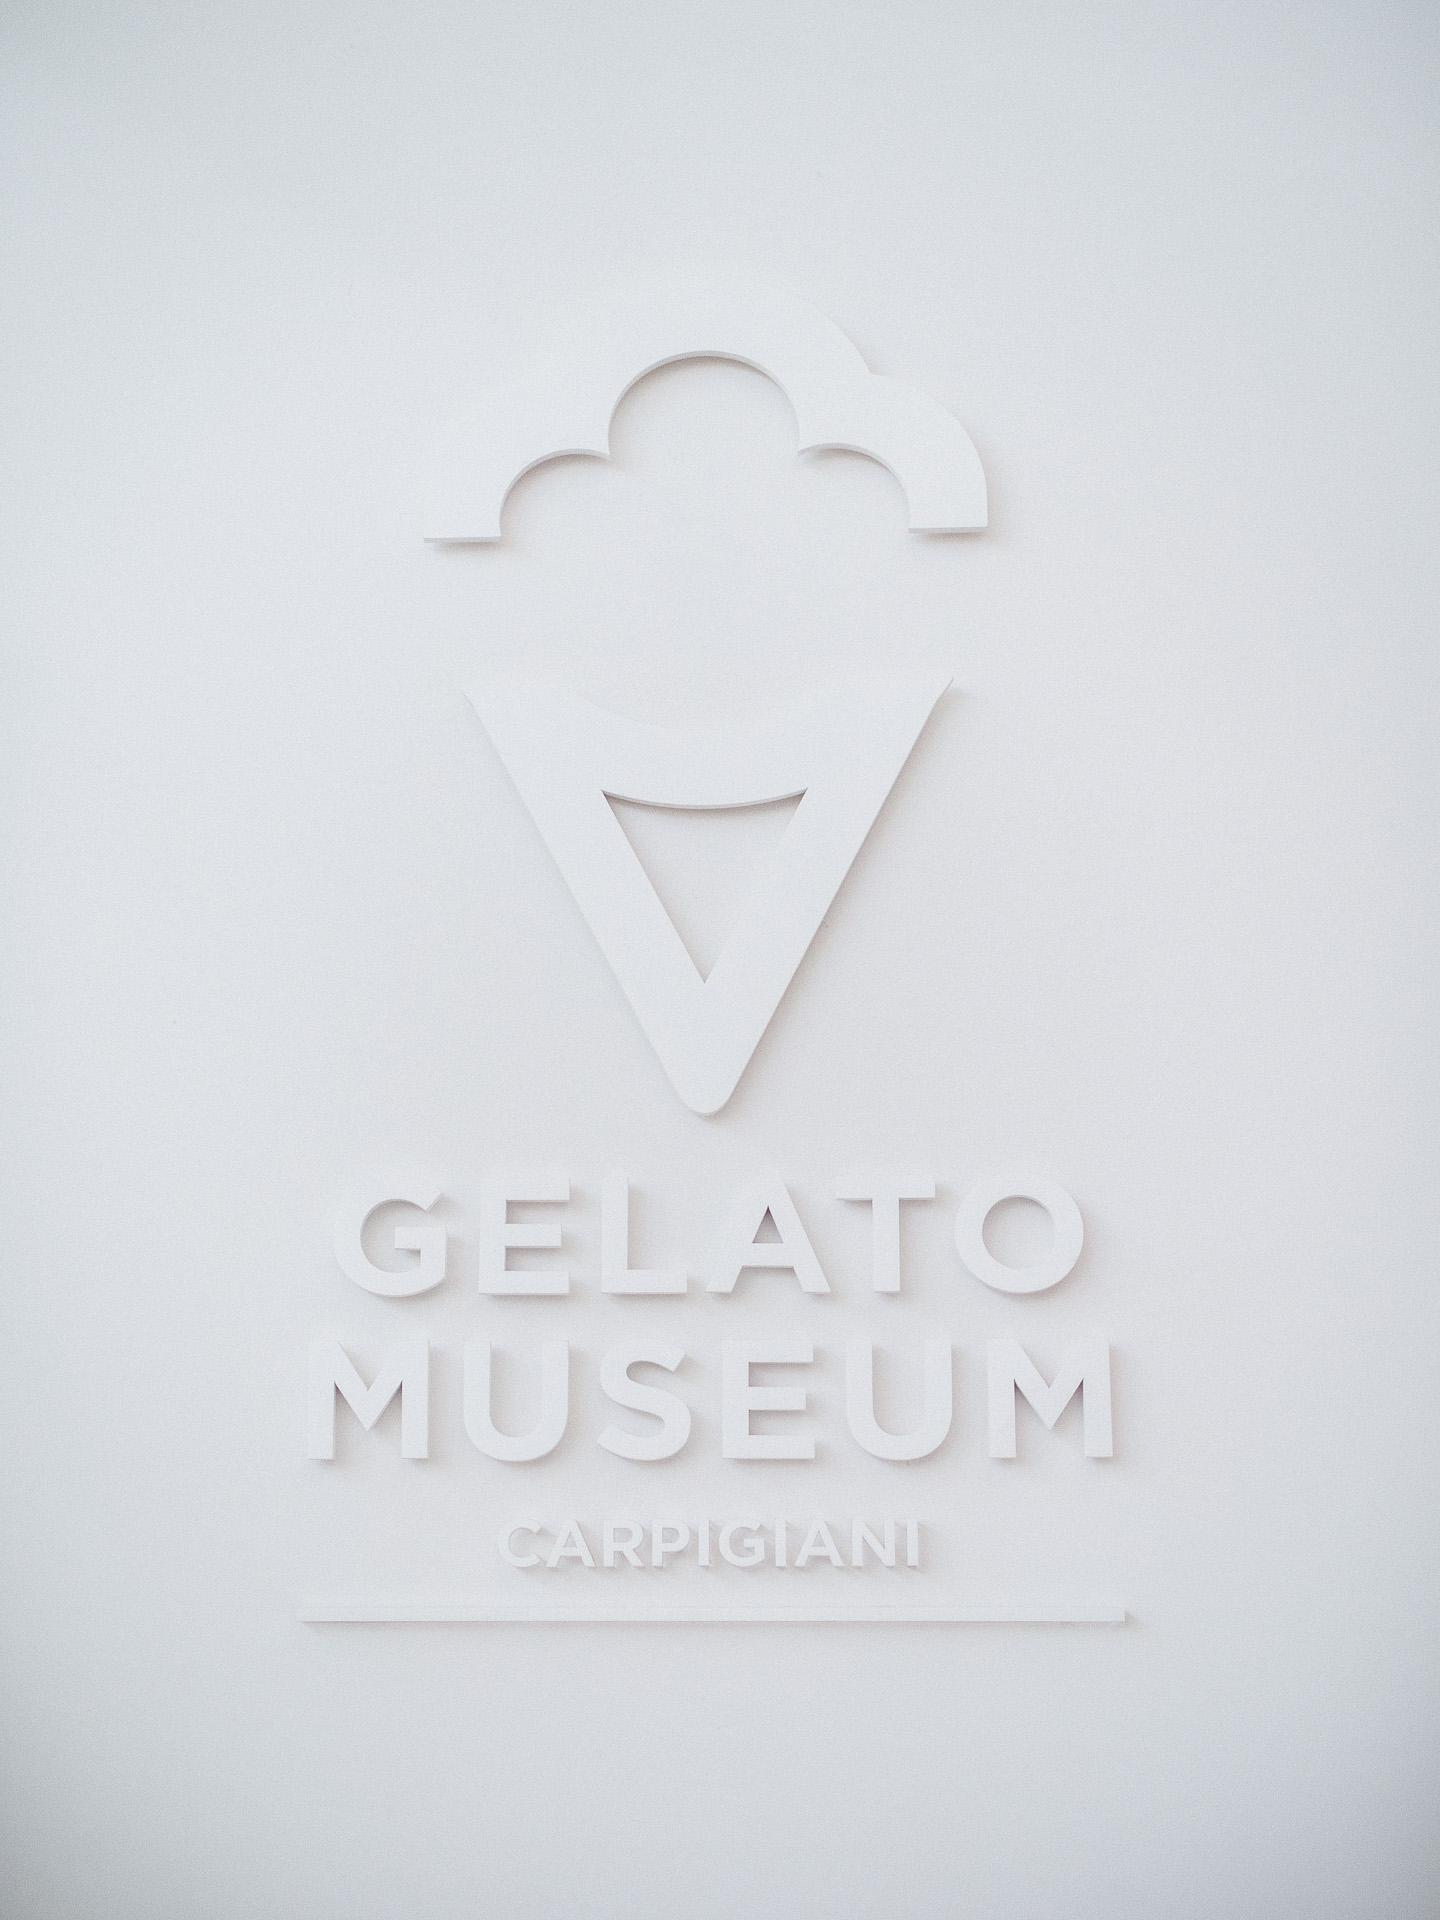 Gelato museum, Carpigiani